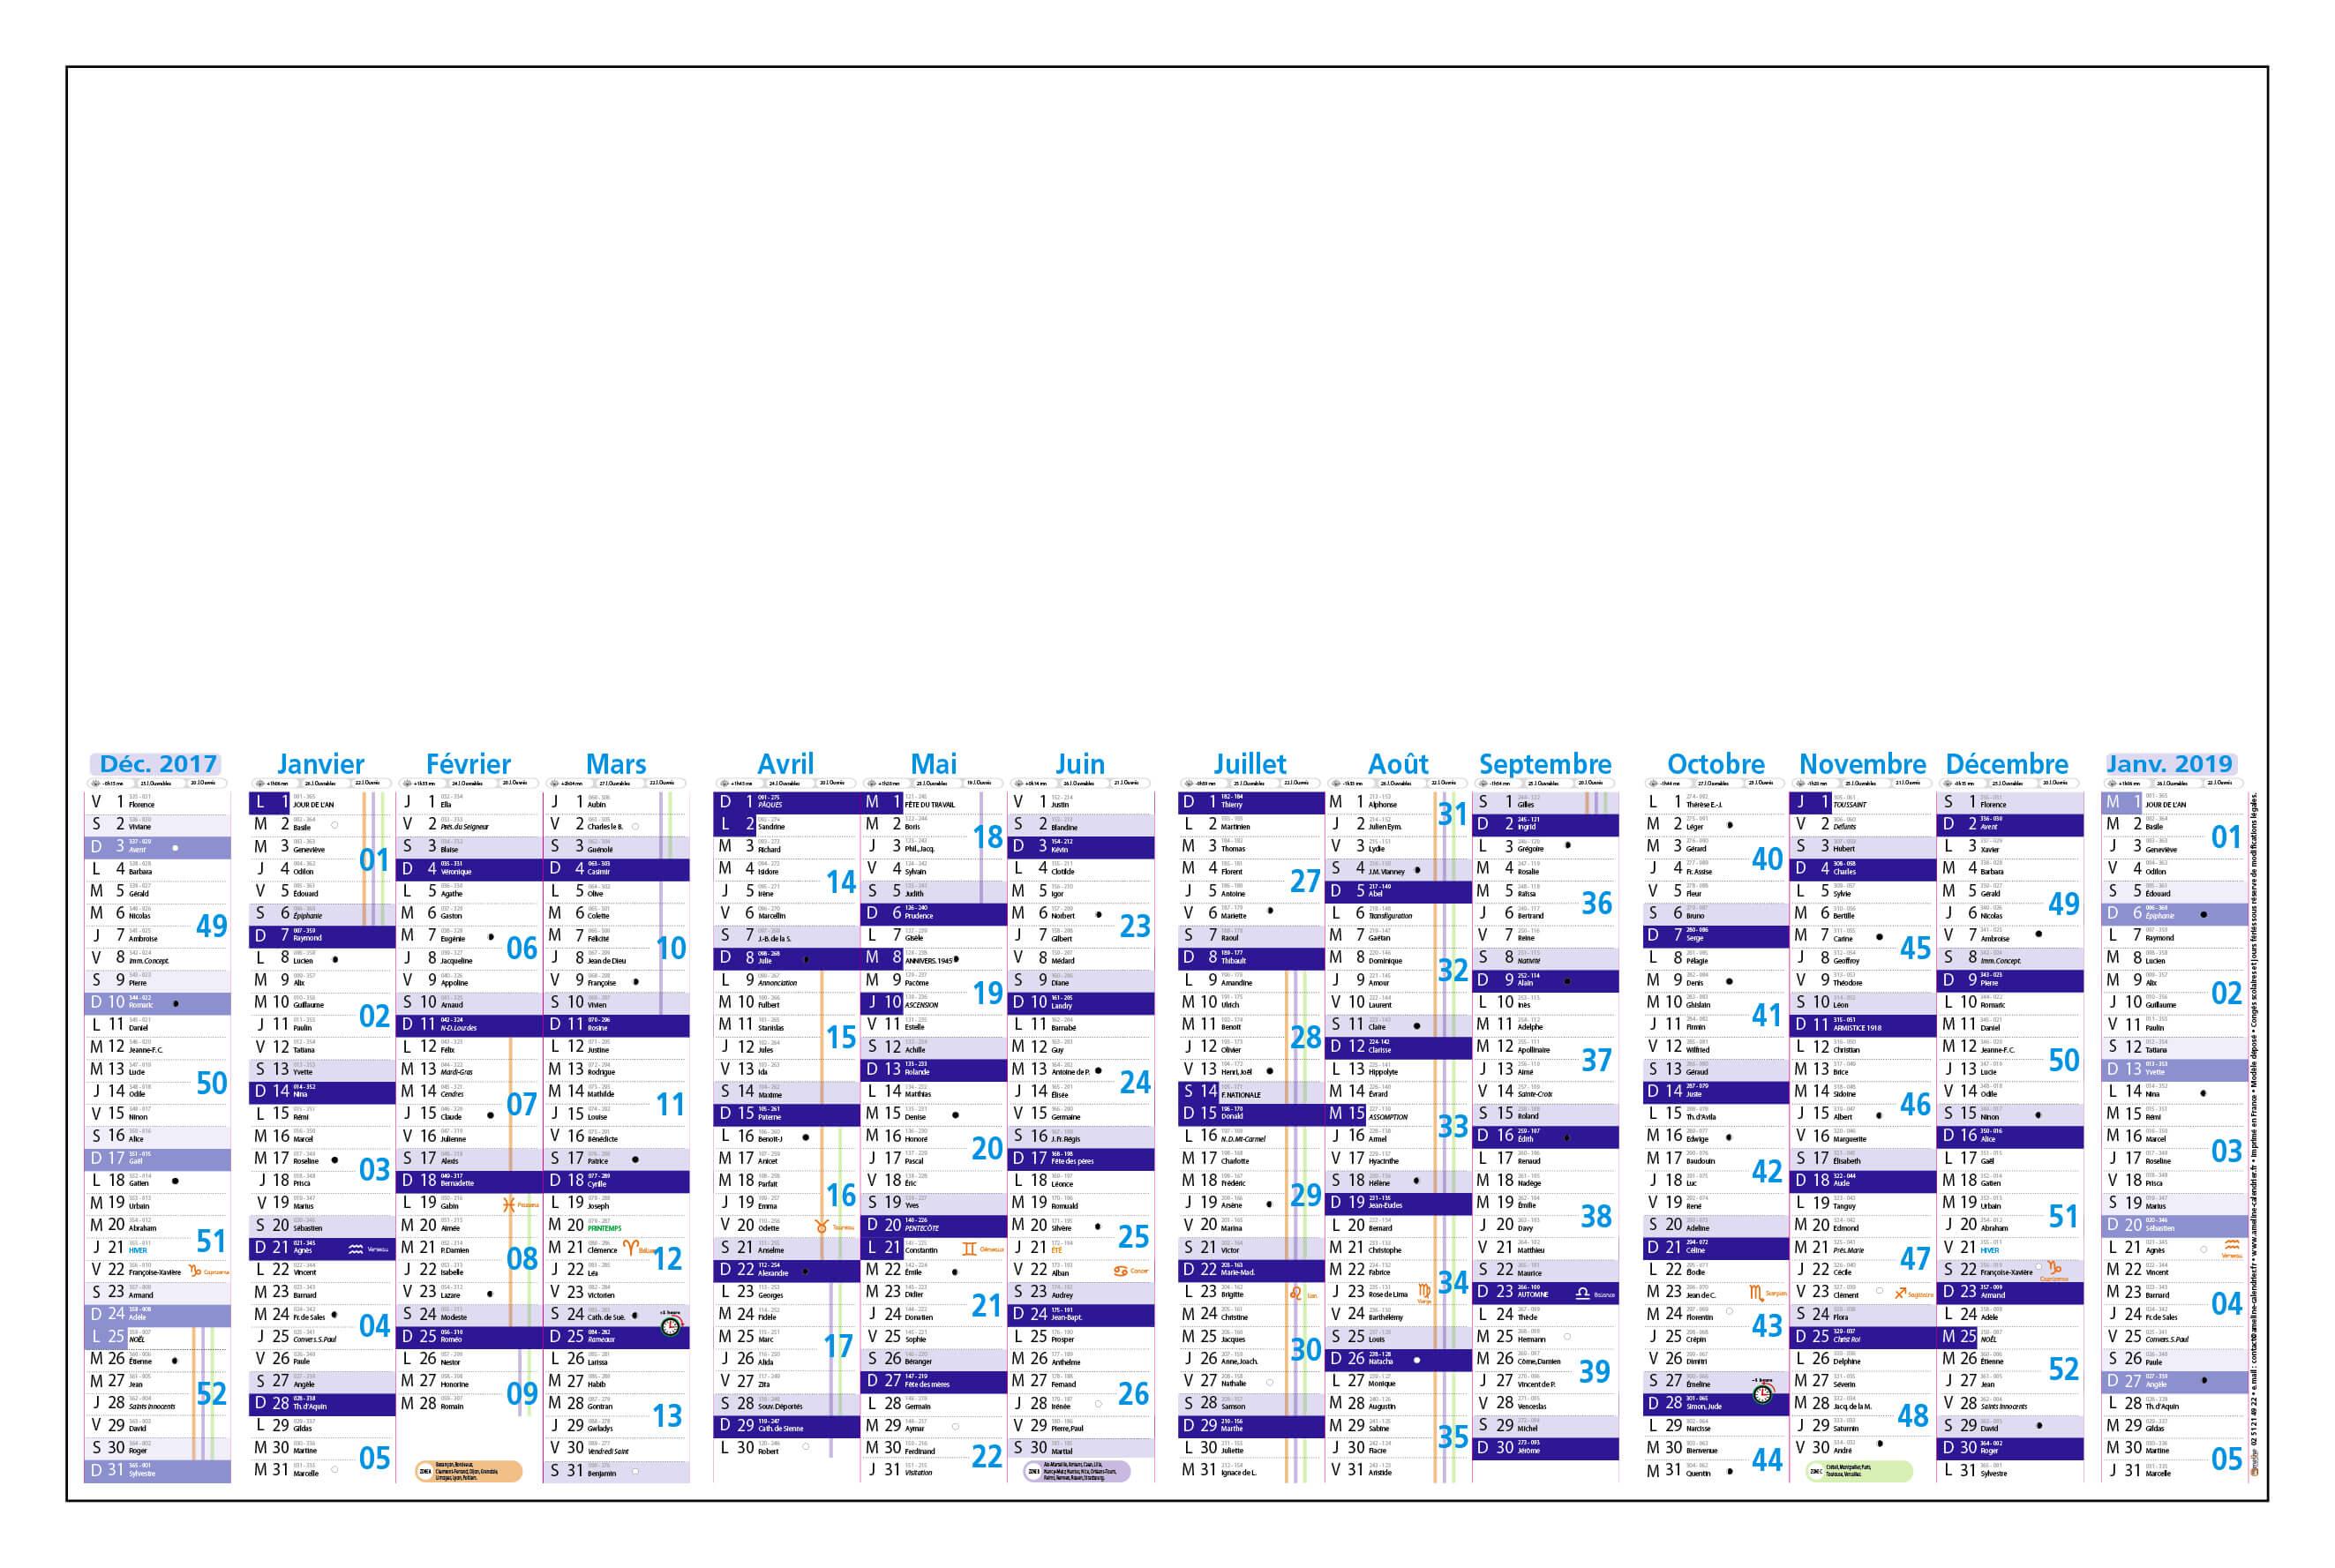 Grille-calendrier-2018-bloc-trimestre-pele-mele-TG-14-mois